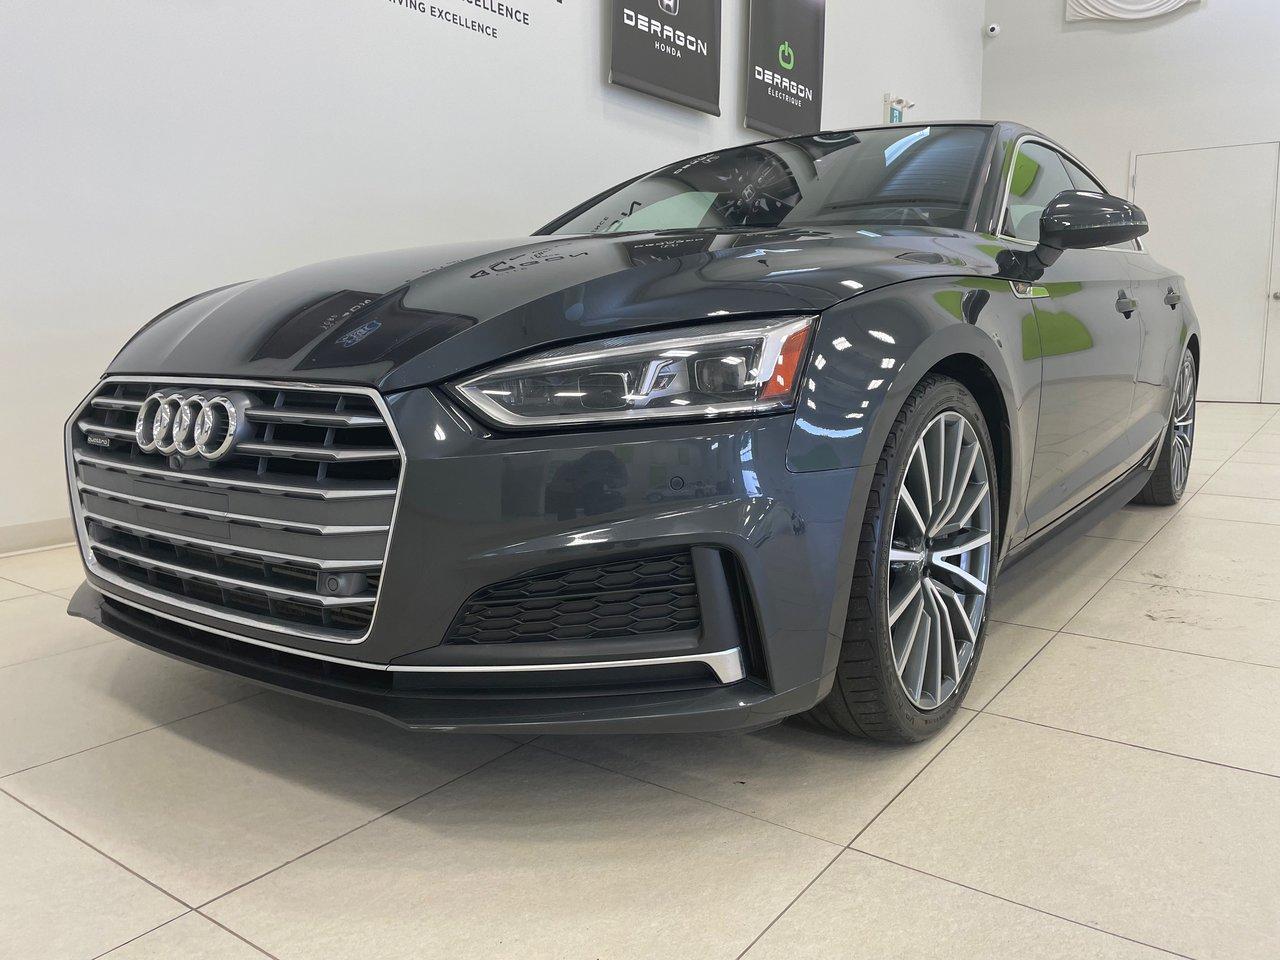 Audi A5 2018 TECHNIK S-LINE, TOIT OUVRANT, NAV, ROUES 19